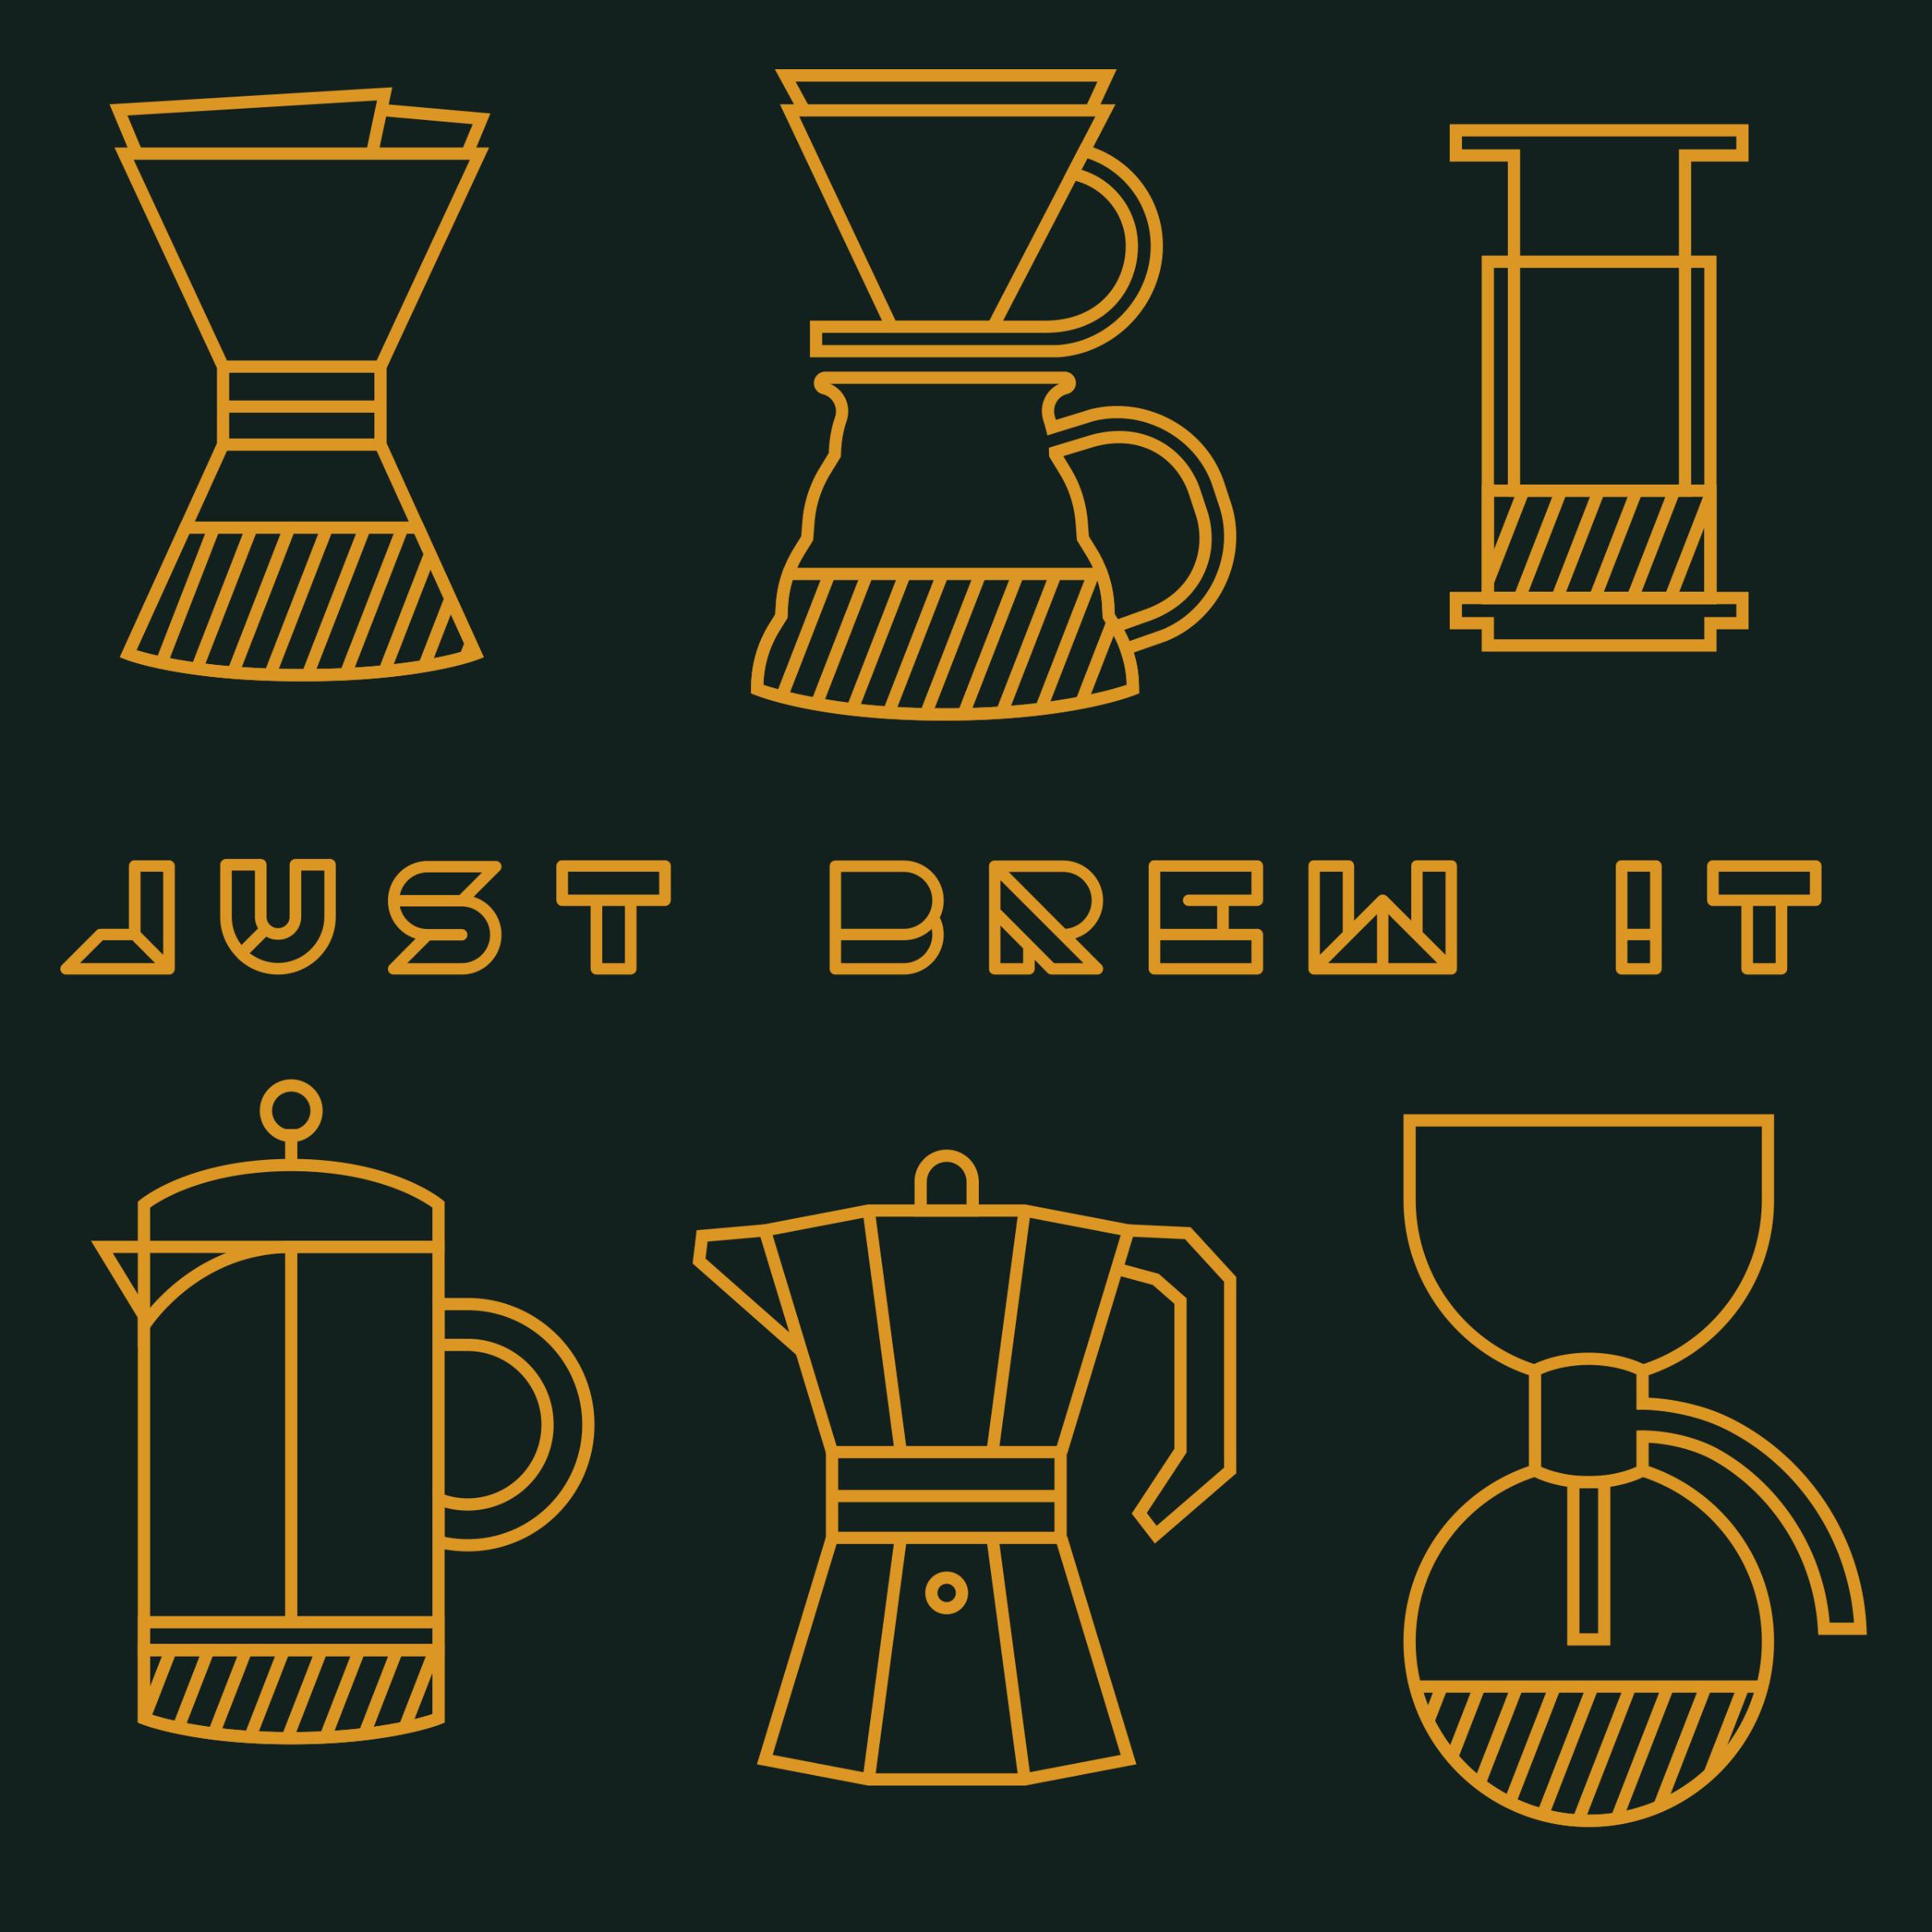 Just Brew It Detail